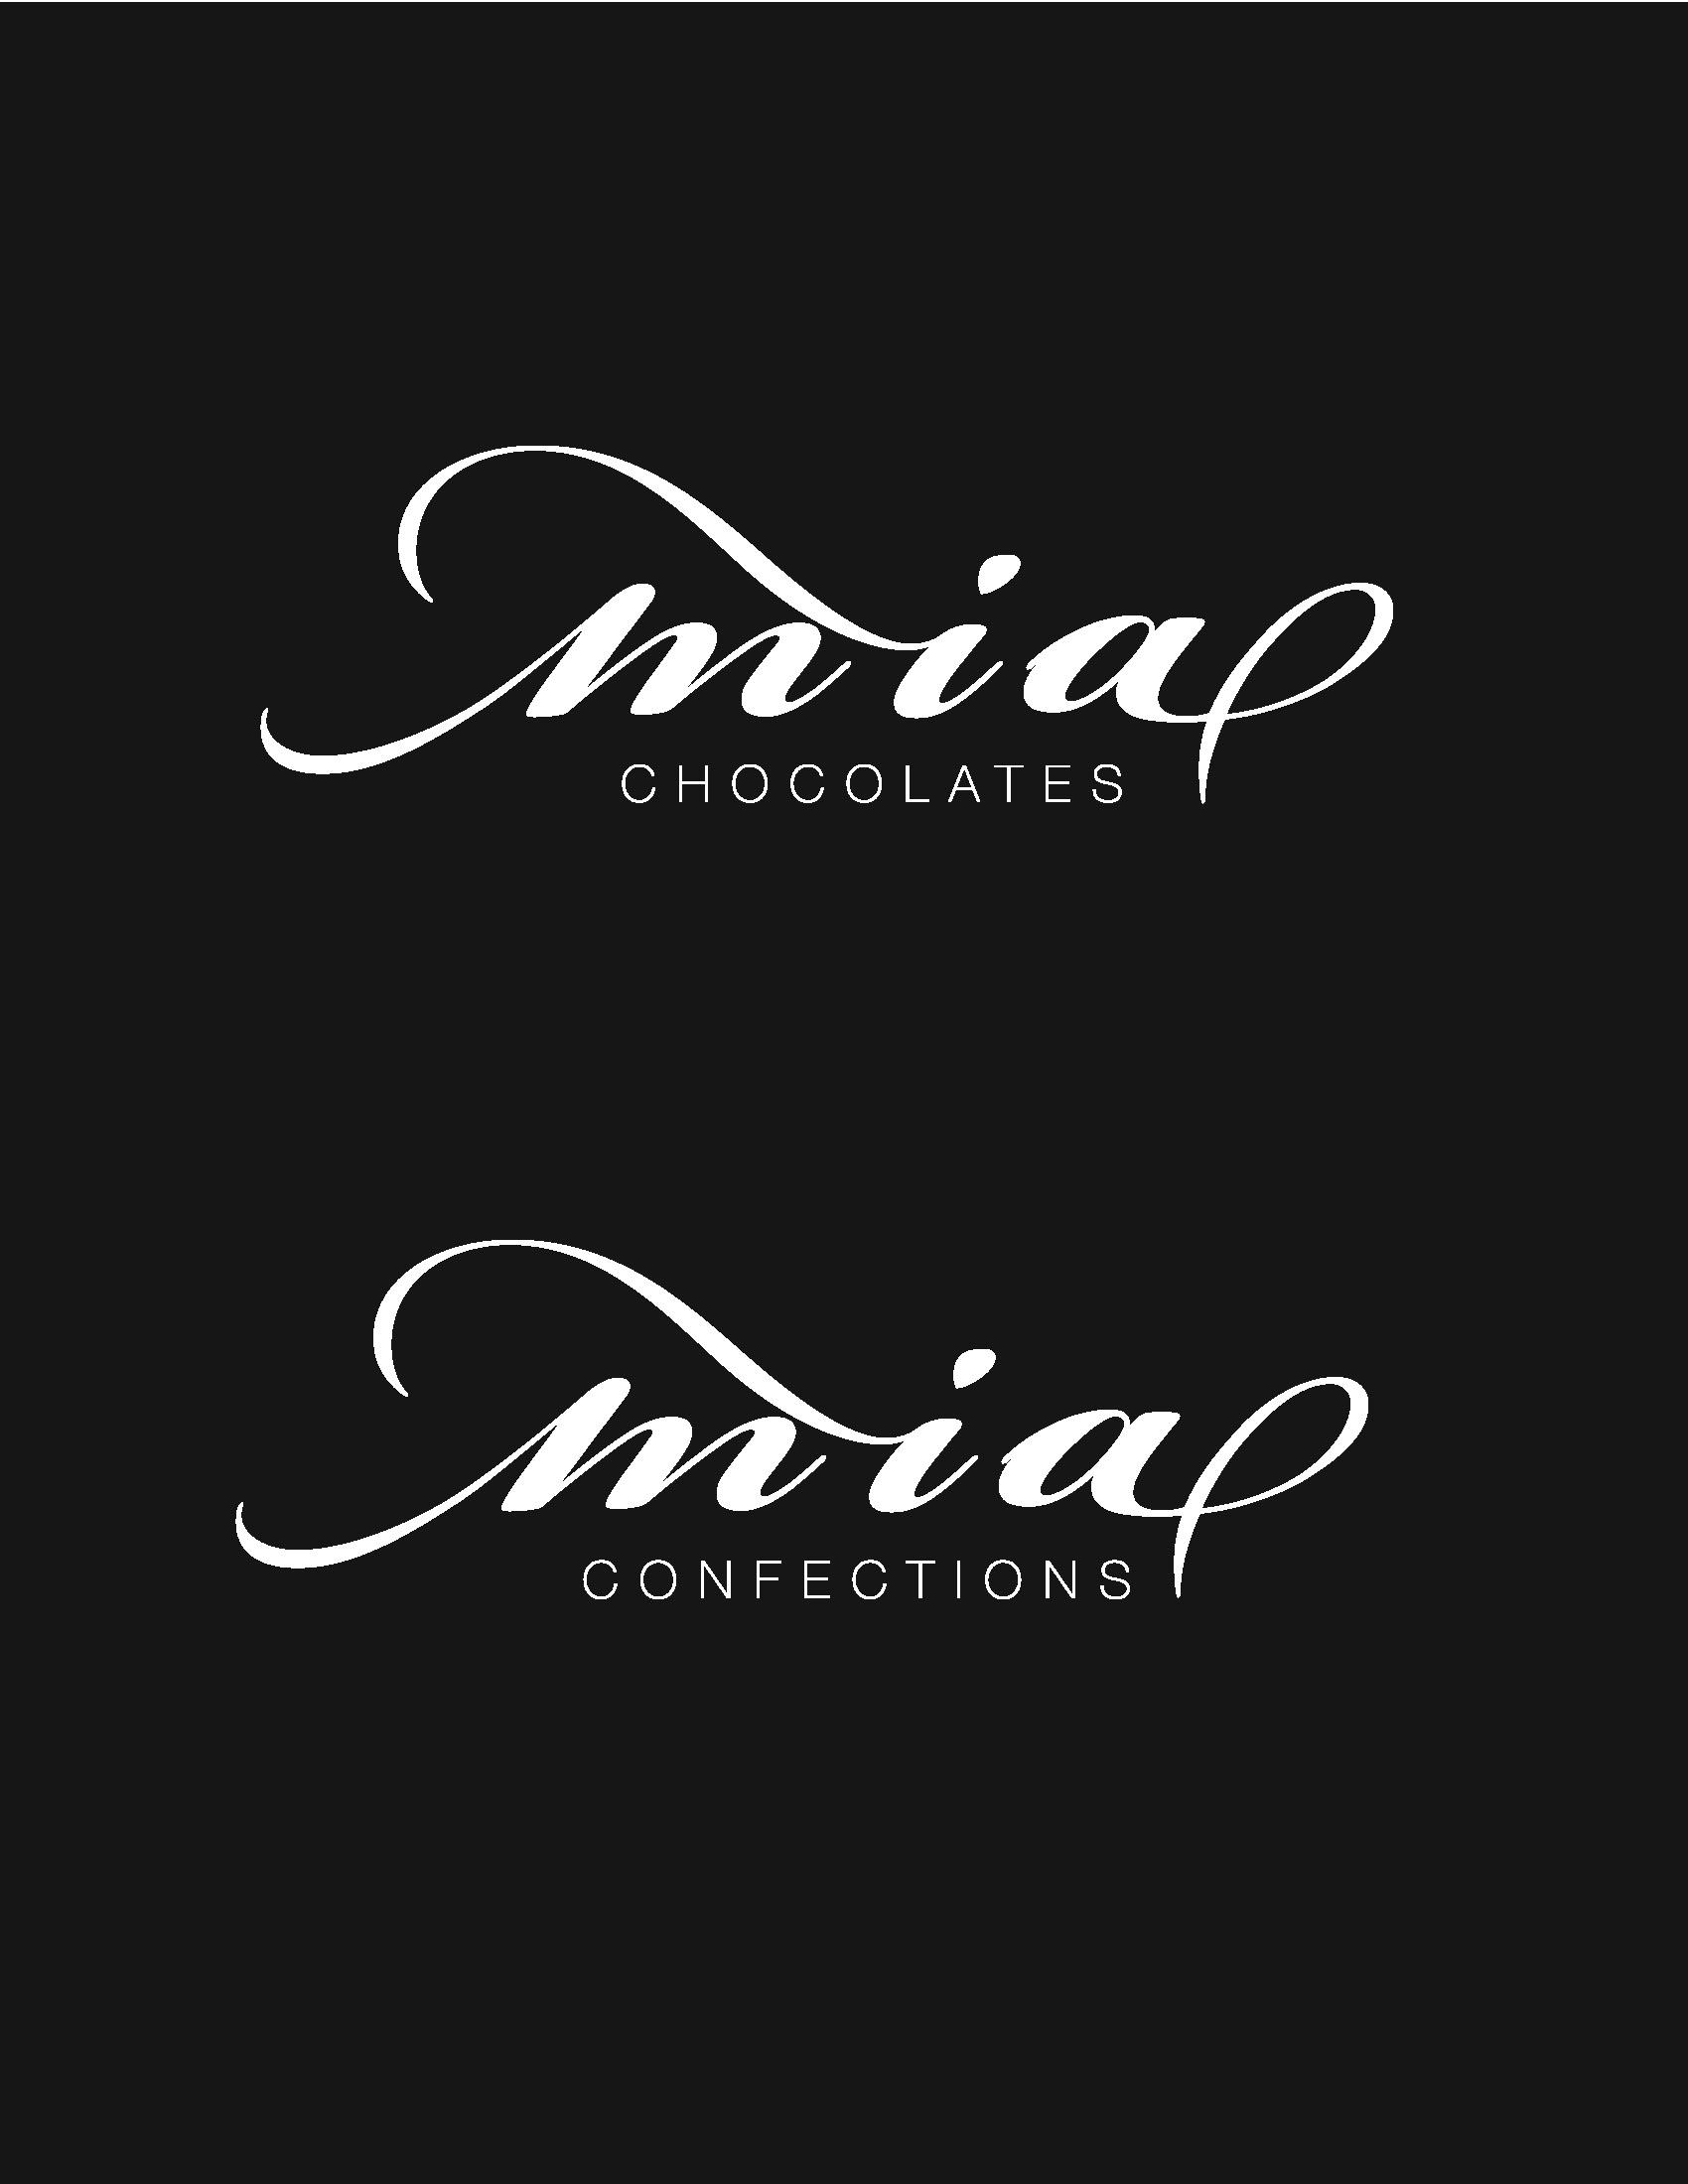 MAIN-Mia-Text-Logo_Page_4.jpg